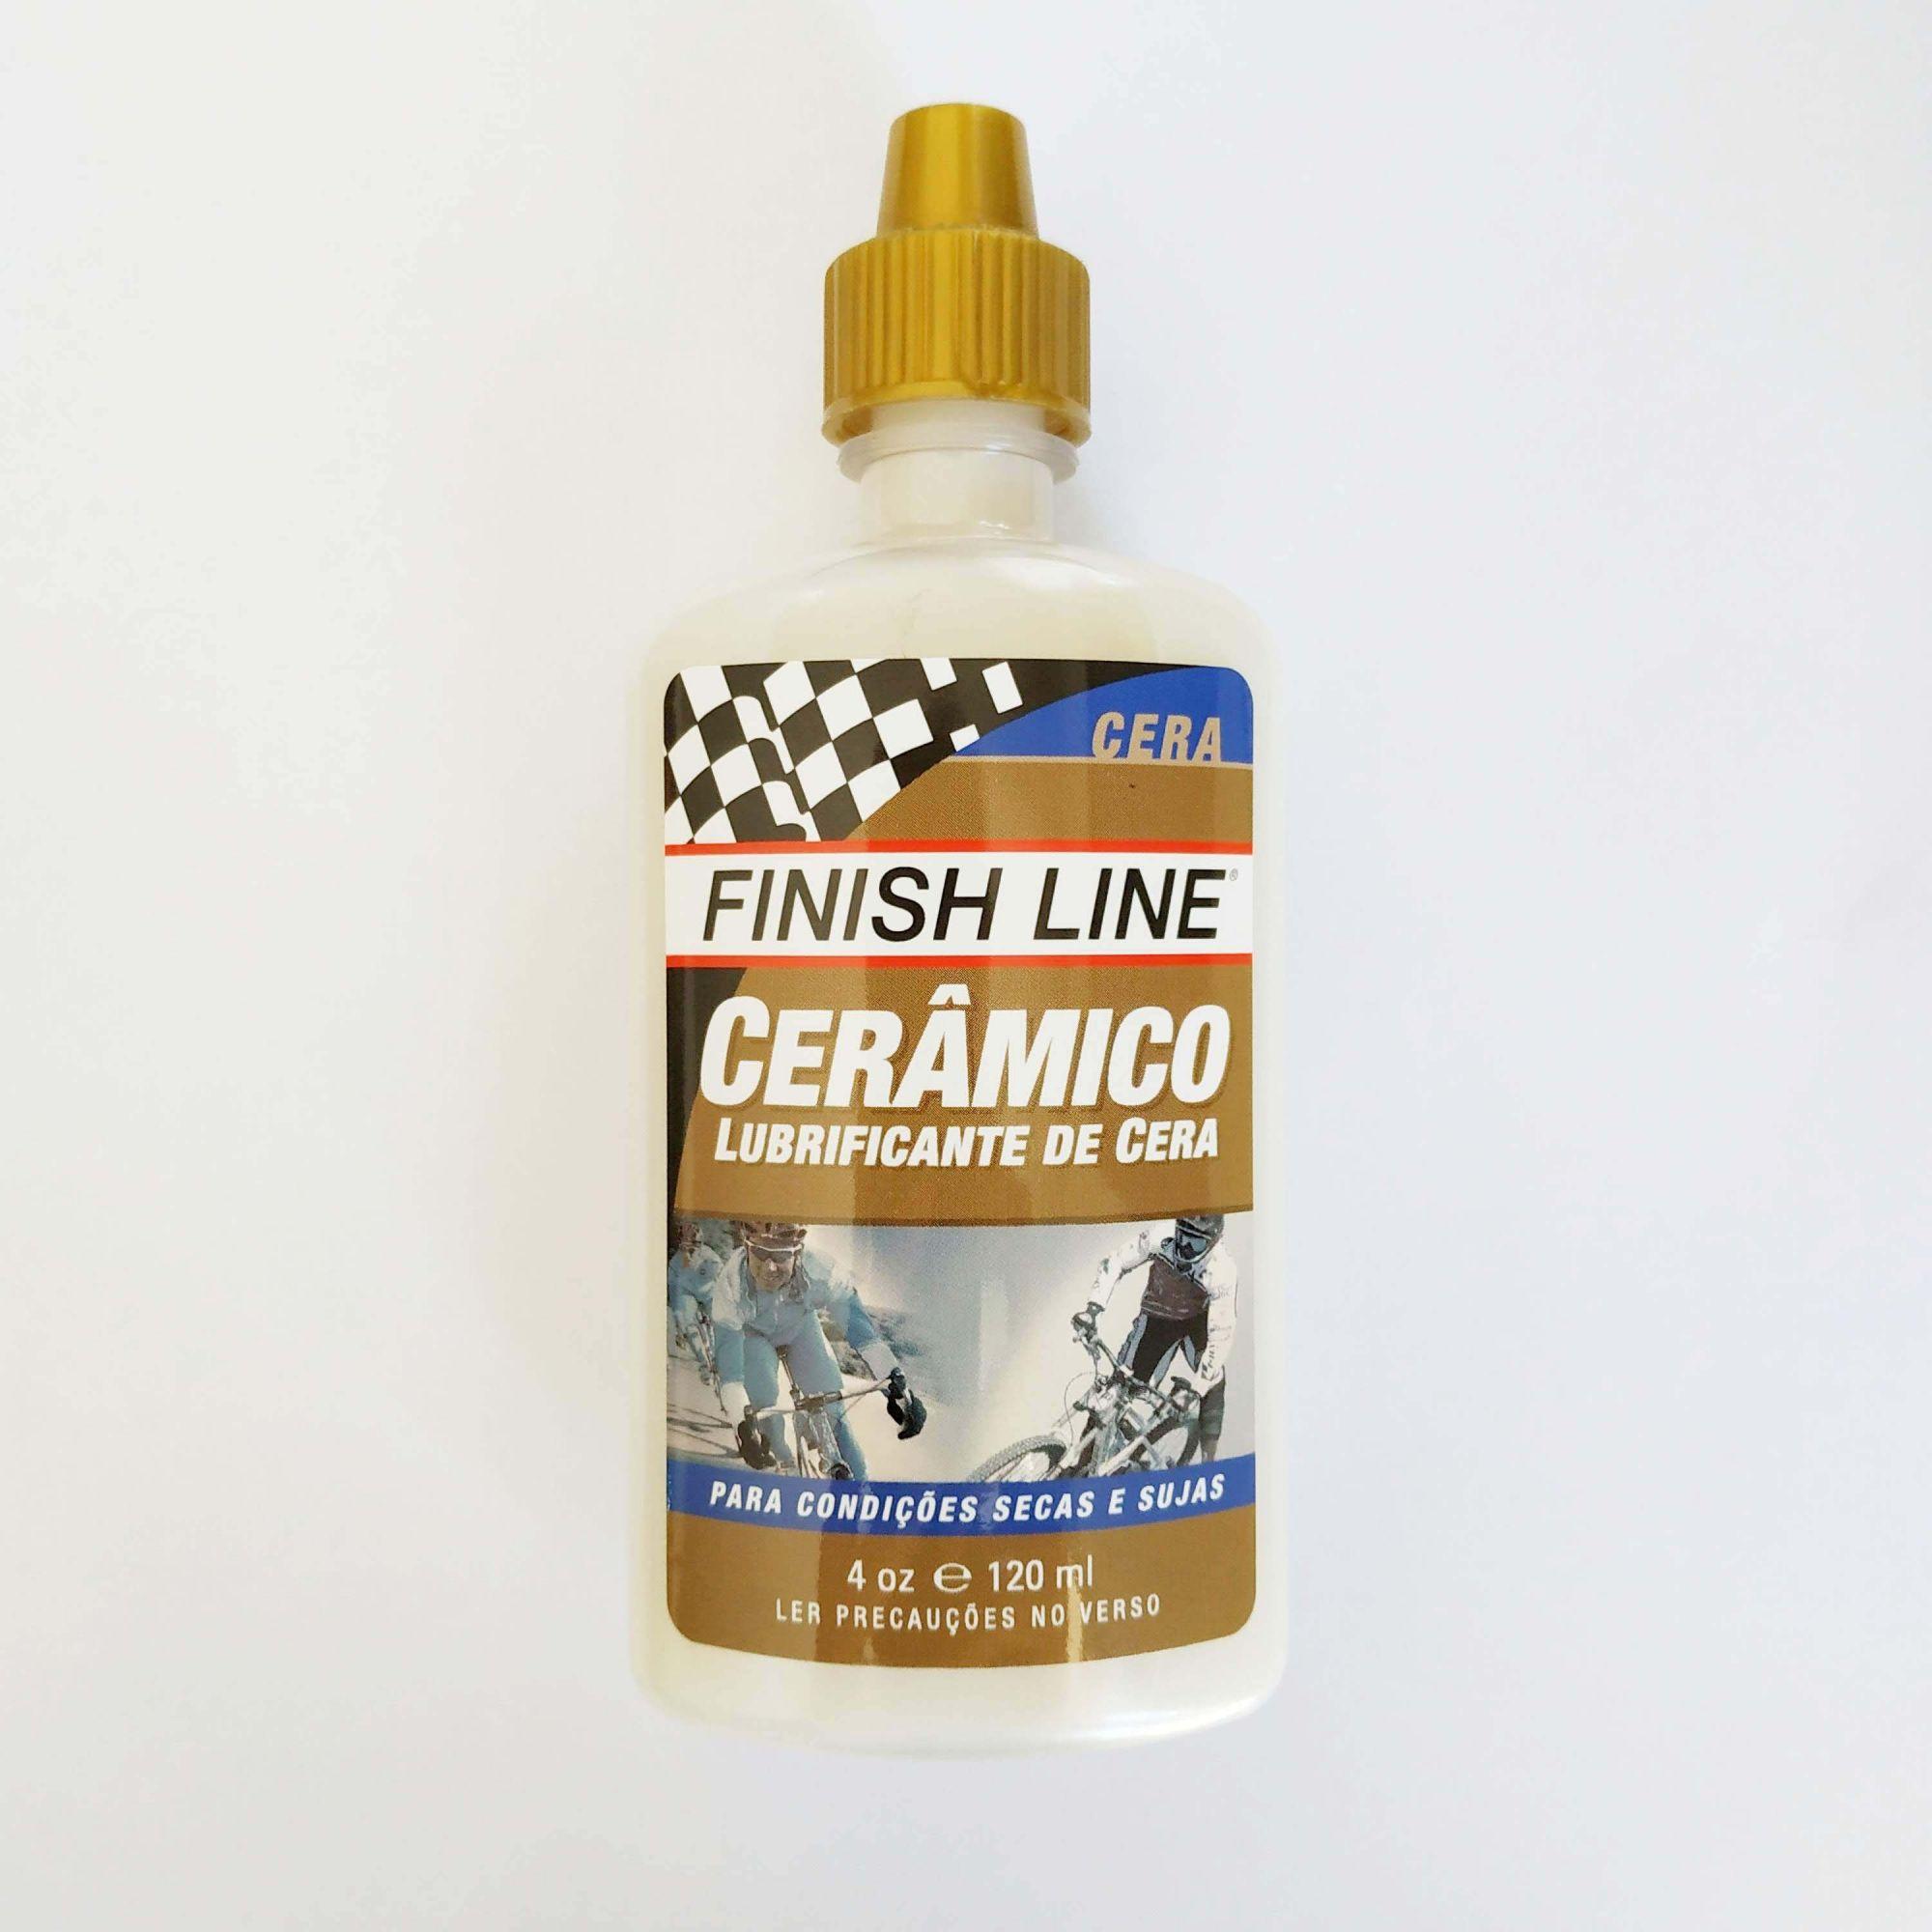 Lubrificante FINISH LINE Cerâmico 120ml (Lubrificante de Cera) - O melhor para regiões muito secas